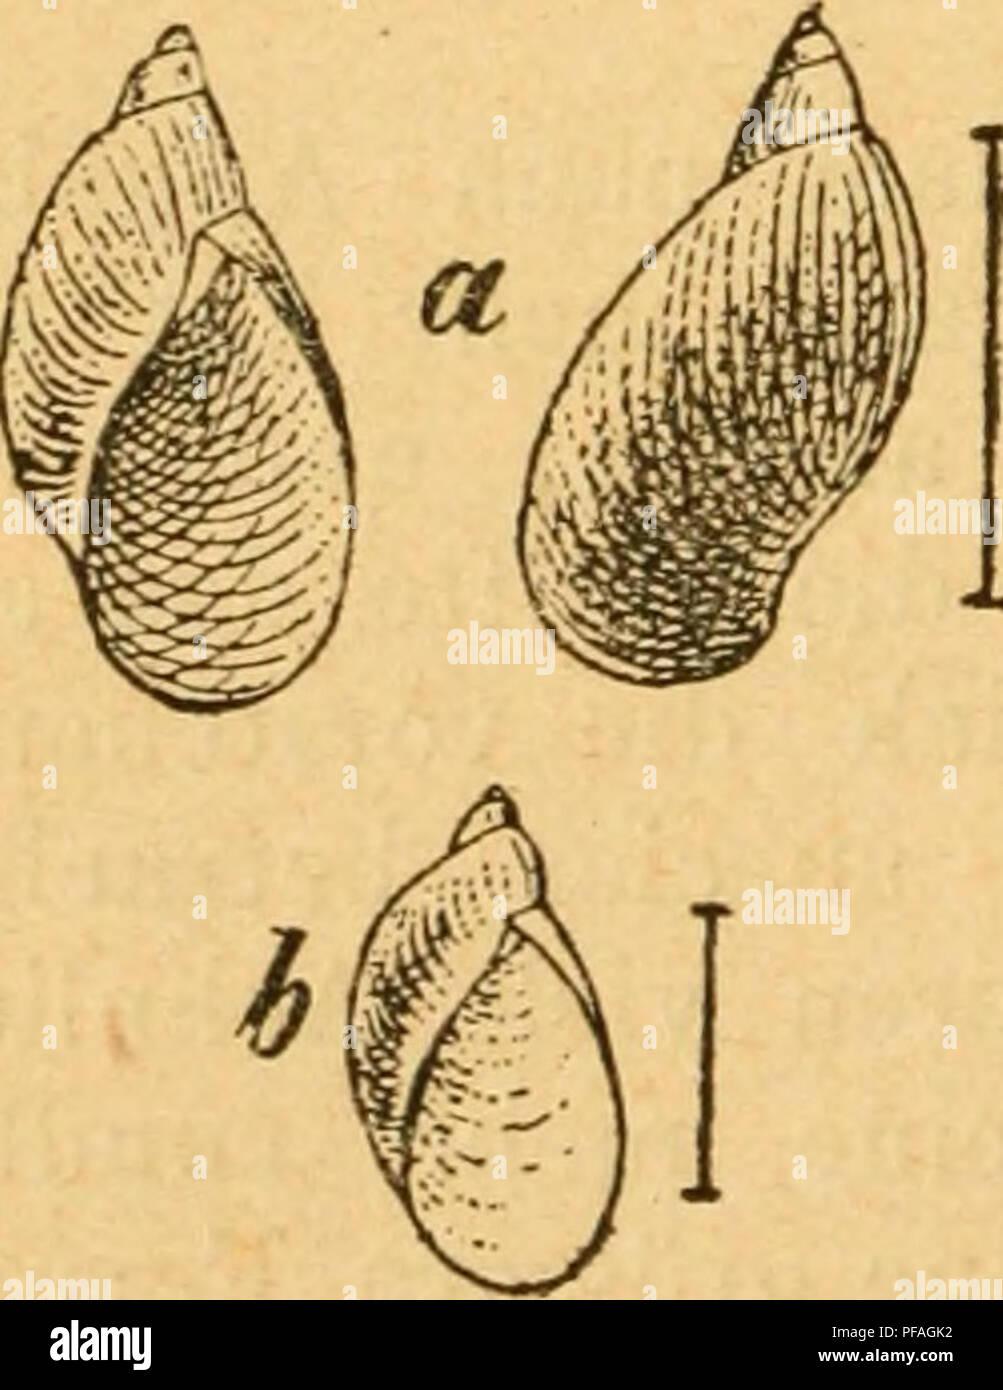 . Deutsche excursions-mollusken-fauna. Mollusks. 344 / 3. Amphibina Pfeif/eri, Bossmaessler. Succinea Pfeifferi, Rossm. Icon. fig. 46. — — Kobelt, Nassau p. 162 t. 3 fig. 2. — Slavik, Böhmen p. 94 t. 1 fig. 3. 4. Amphibulina putris var. fulva et elongata, Hartm. in Sturm Fauna VI. 8 t. 6. u. 7. Tapaäa putris, Studer, Kurz. Verz. p. 86. Anatomie: Lehmann, Stettin p. bi t. 9 fig. 14. Thier: gewöhnlich dunkler als bei der vorigen Art; Kiefer hornig, mehr lang als breit, dunkelgelb; Mittelplatte mit einem ziemlich starken zugespitzten Mittelzähnchen; Seitenflügel schief, aber nicht weit aus einand Stock Photo